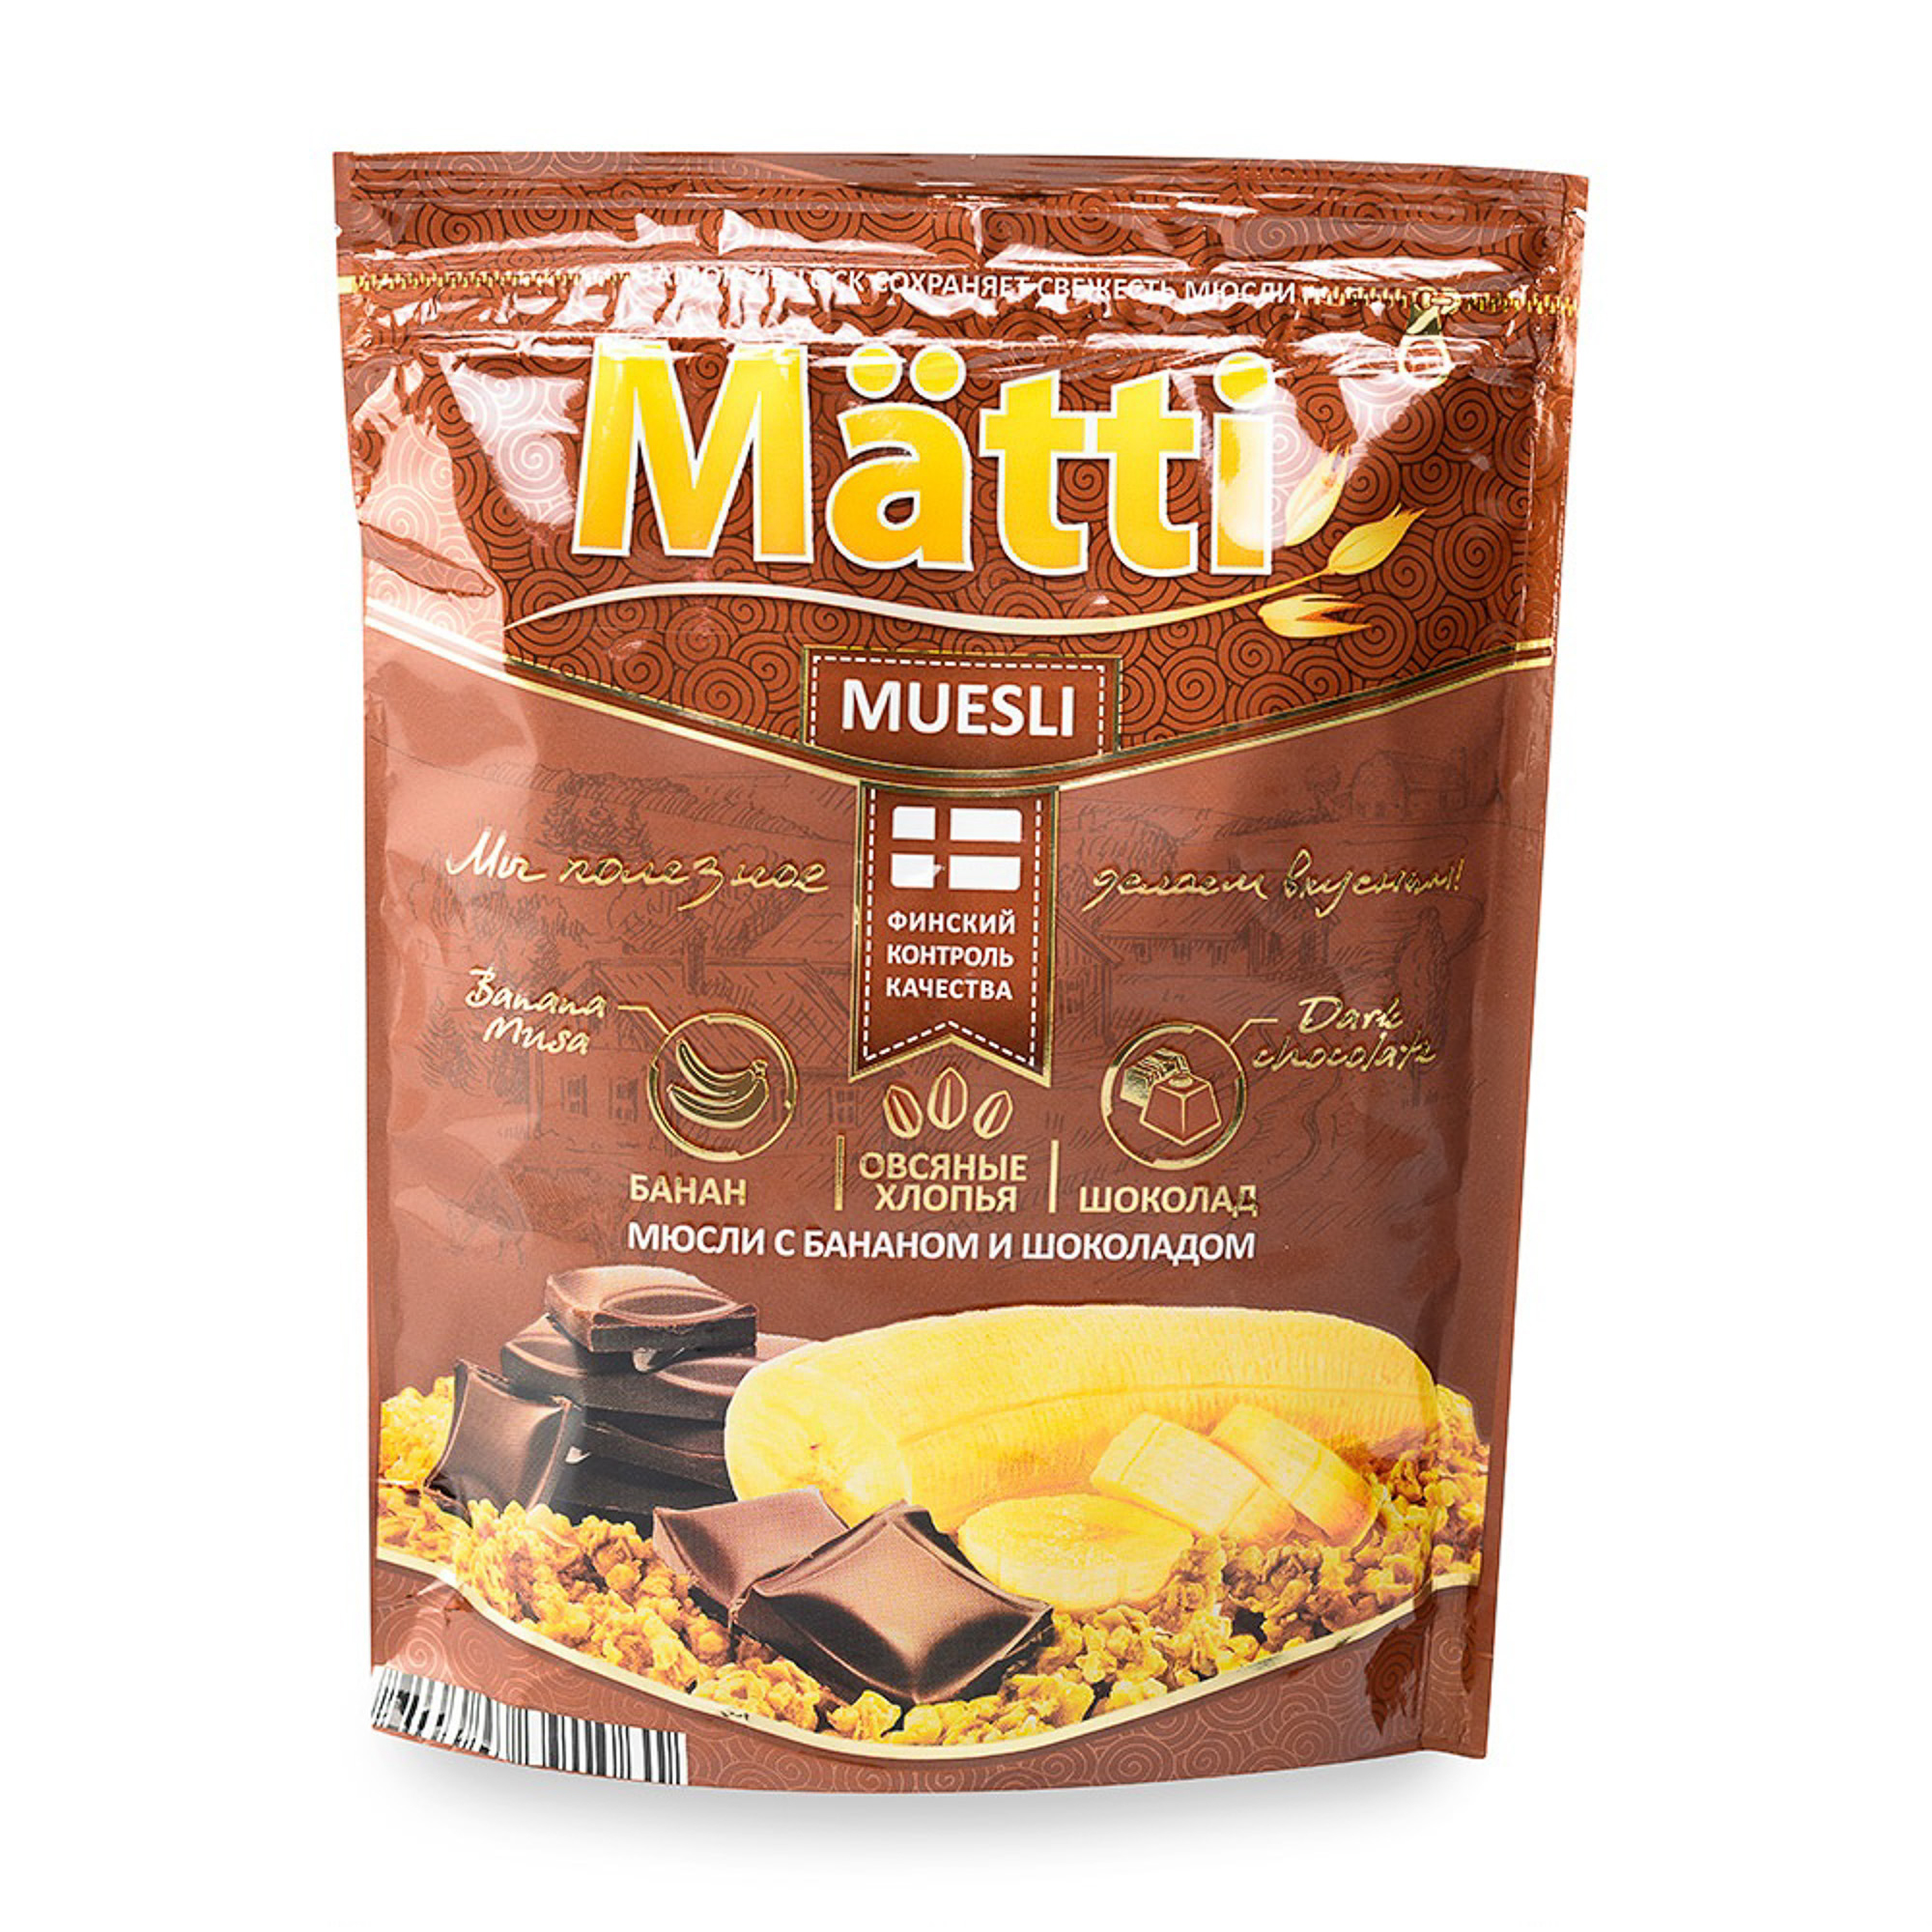 Мюсли Matti с бананом и шоколадом 250 г мюсли matti хлопья и шарики с орехом и яблоком дой пак 250 г